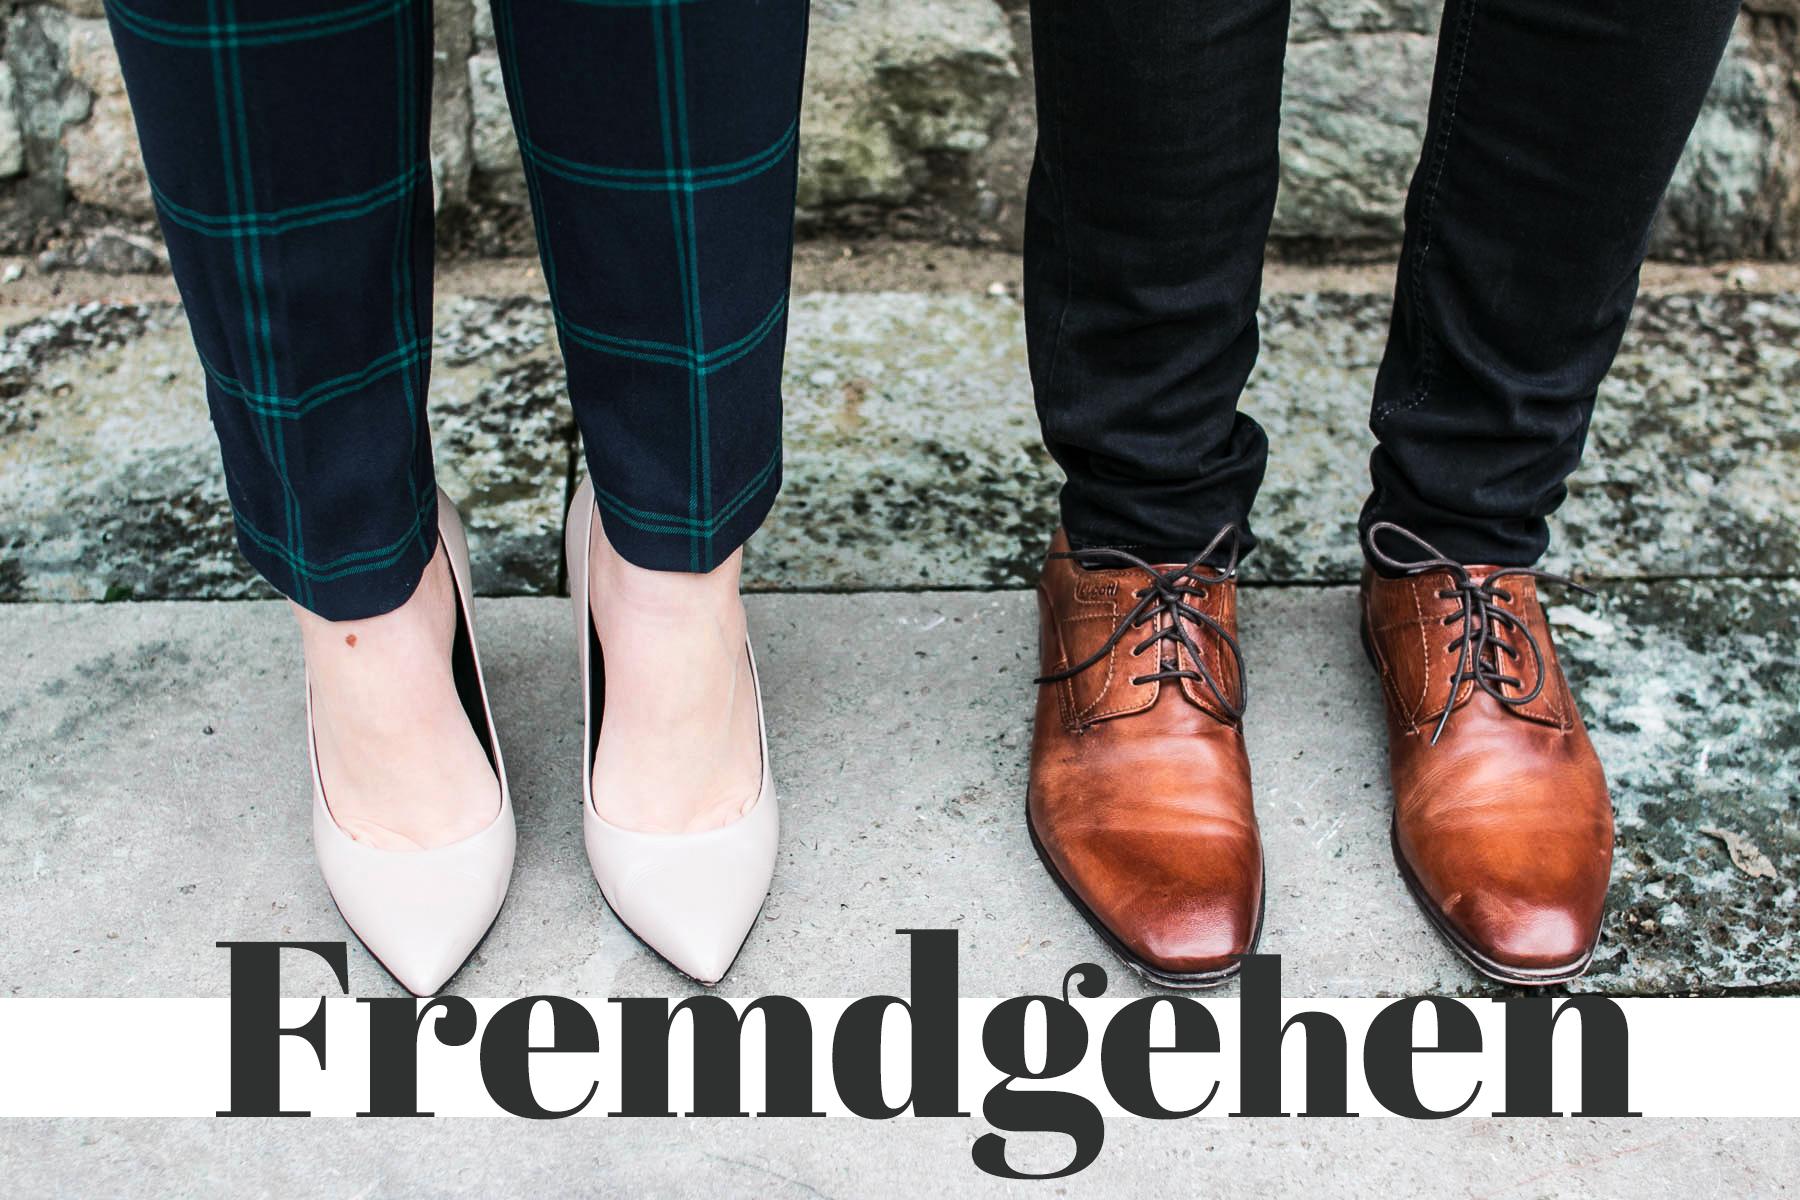 can recommend visit Kontaktanzeigen Schönebeck frauen und Männer share your opinion